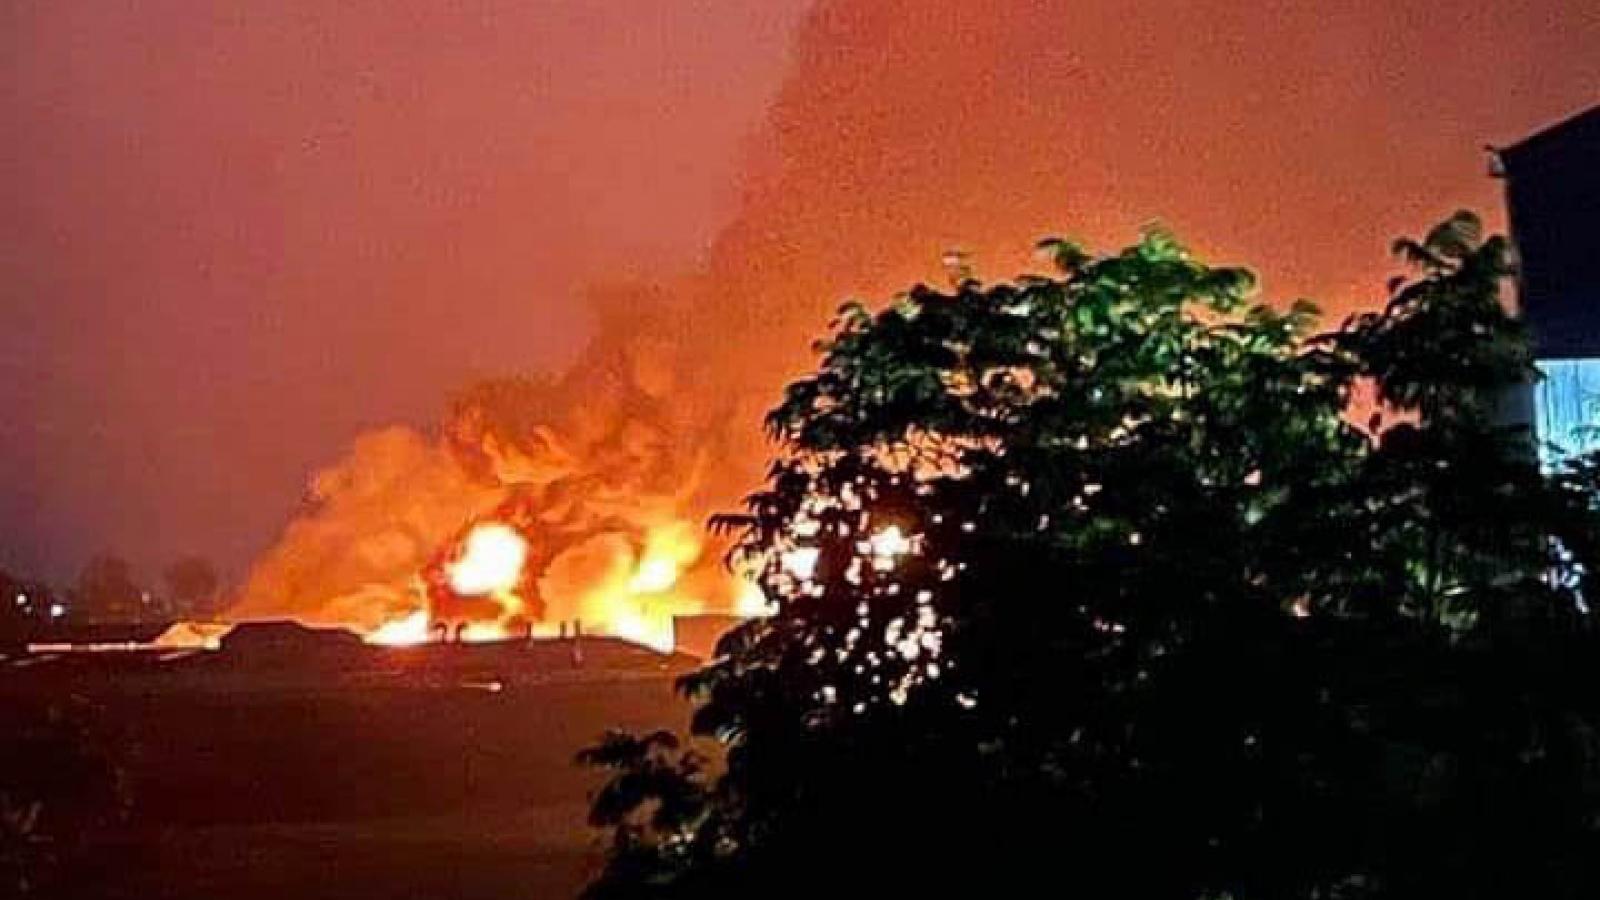 Khói lửa bốc cháy ngùn ngụt tại nhà máy sản xuất cồn ở Hà Nội